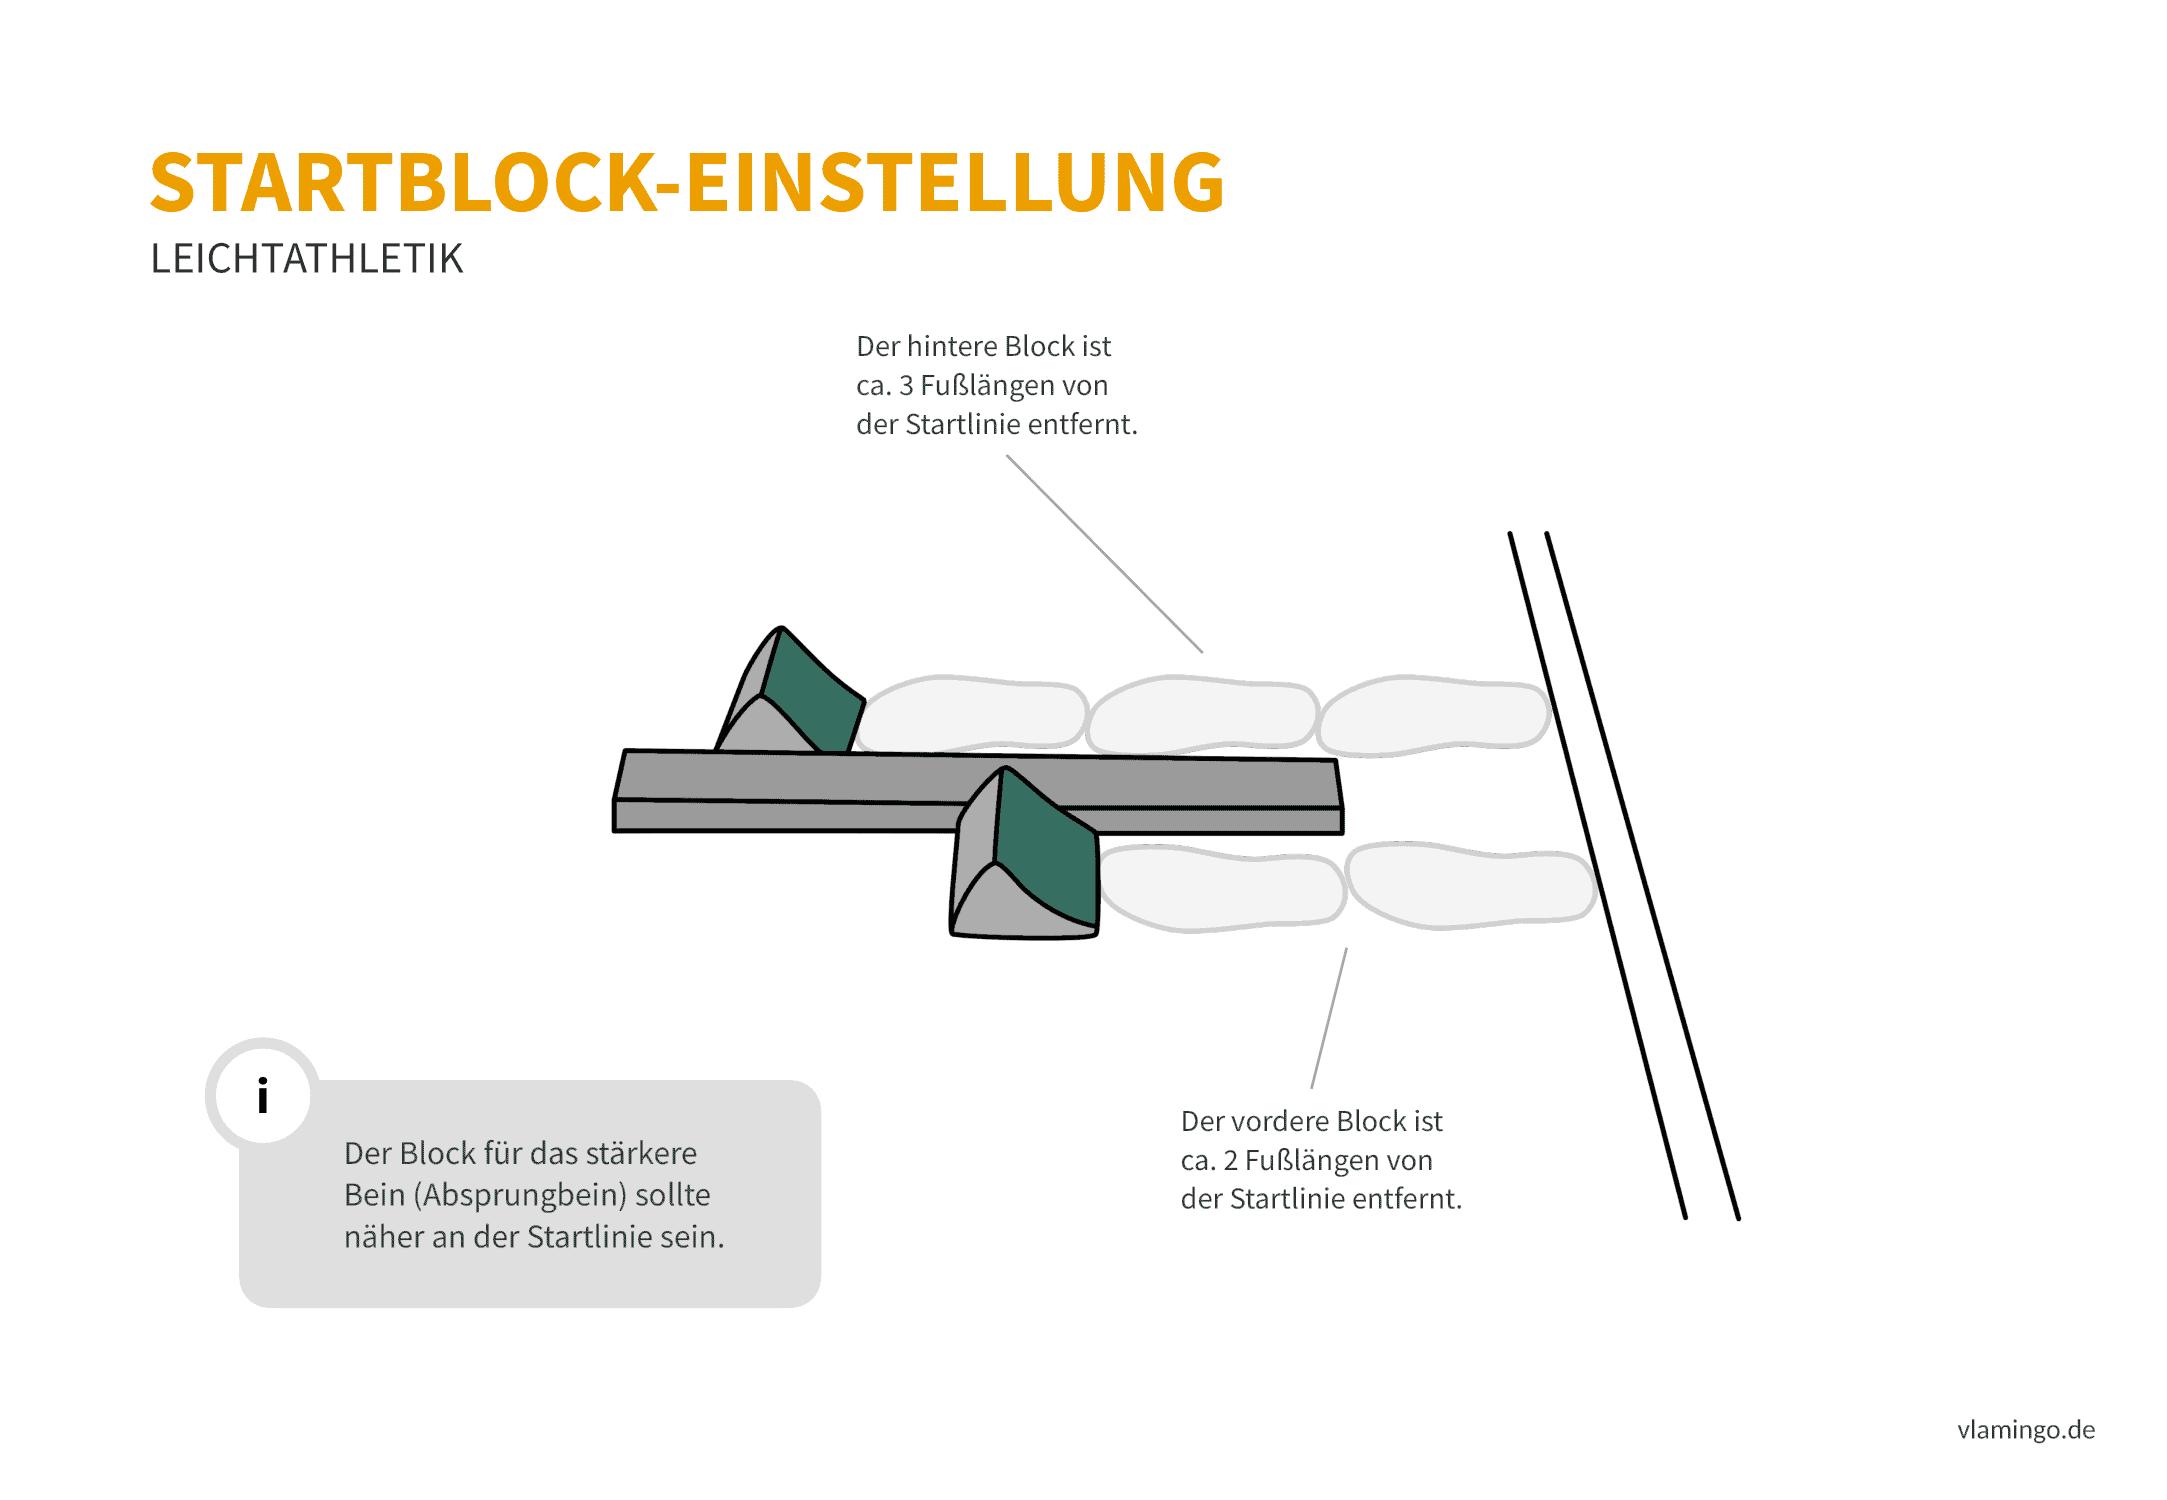 Startblock-Einstellung (Tiefstart) - Leichtathletik